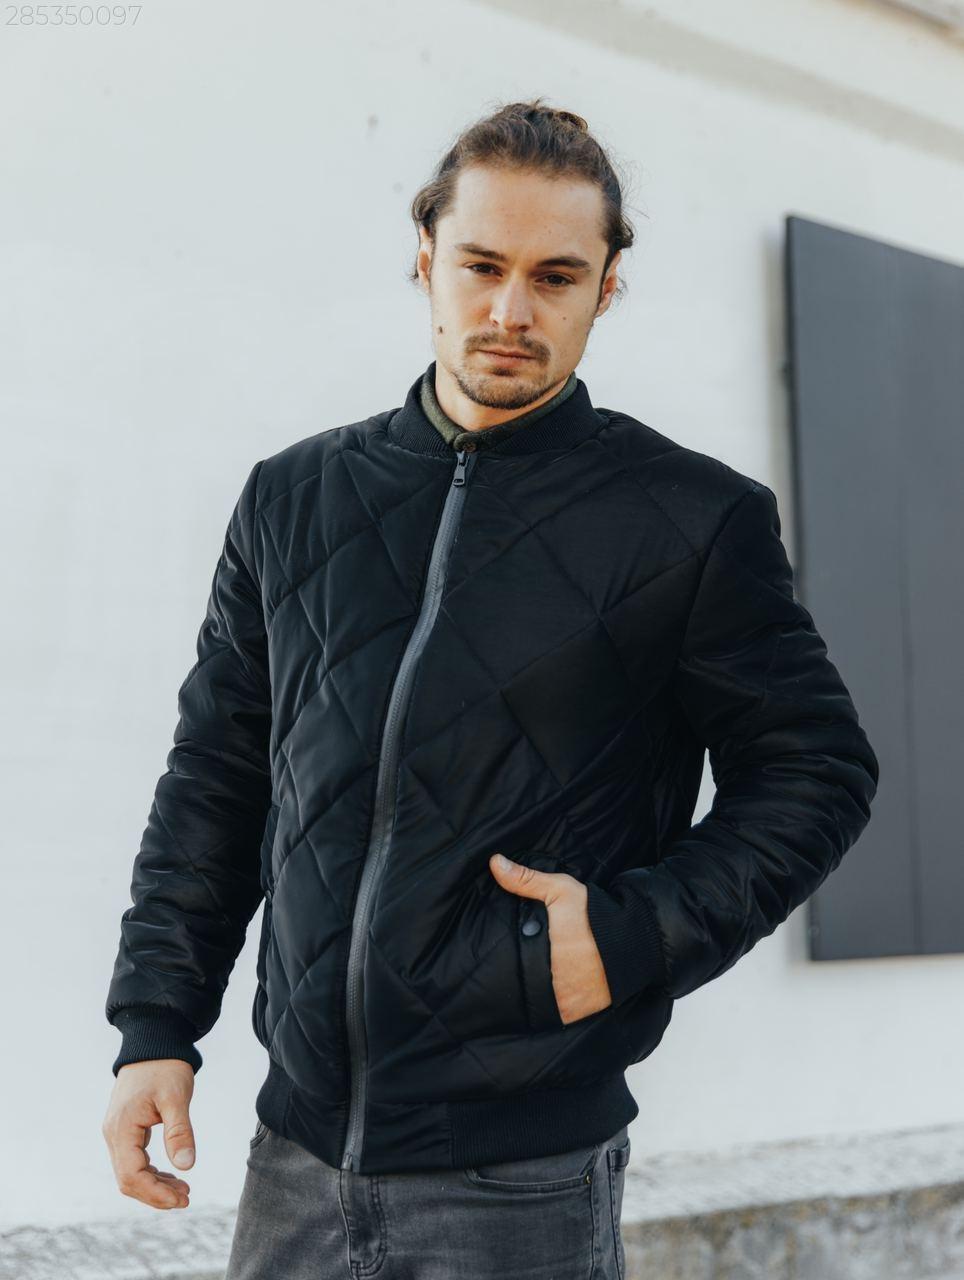 Куртка мужская стеганая черного цвета. Мужская демисезонная курточка (бомбер) стеганая черная.